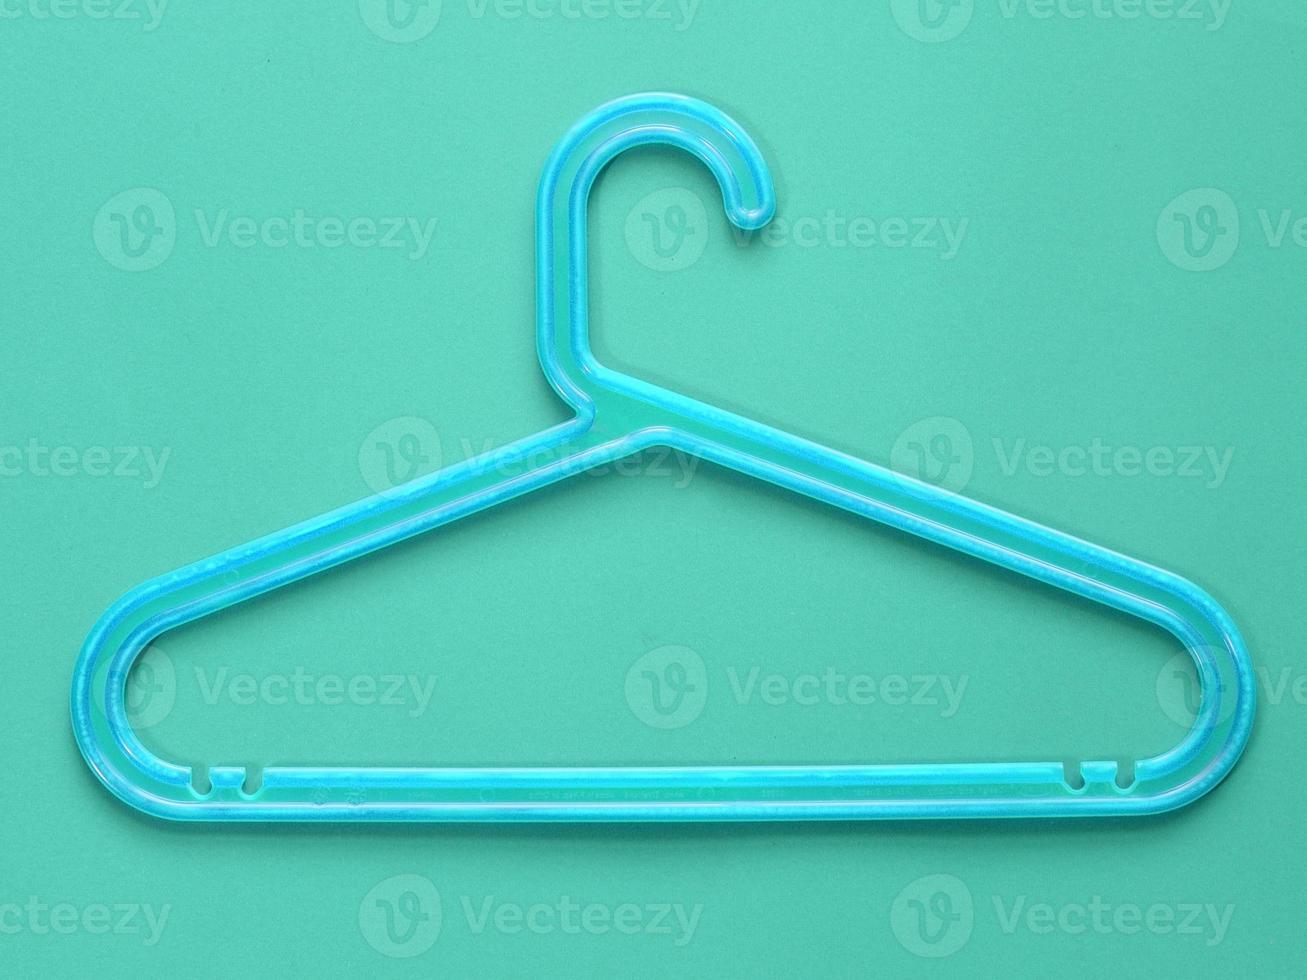 blauer Plastiktuchhalter auf blauem Hintergrund foto